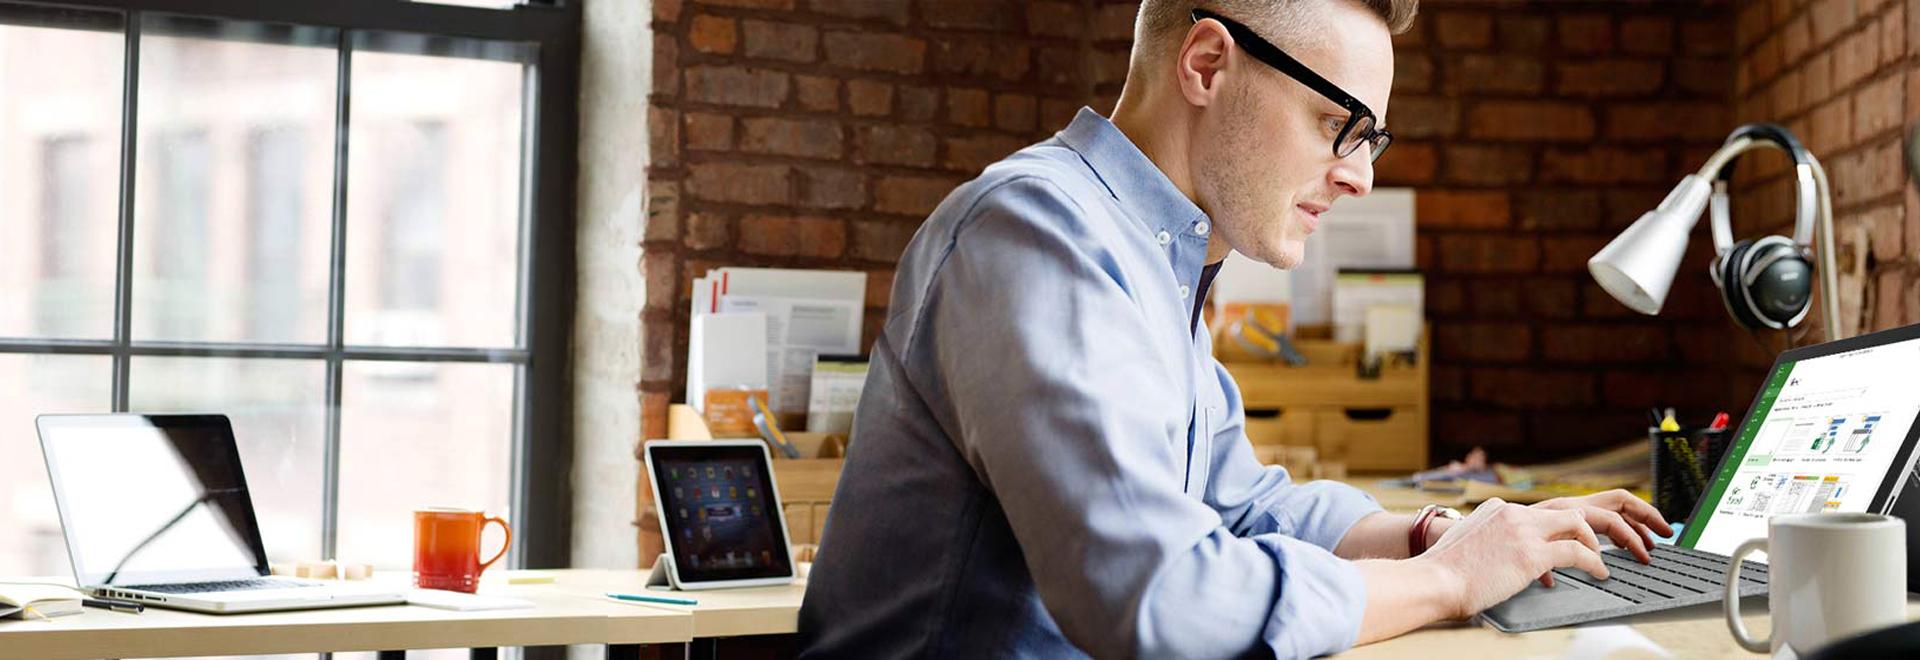 Homme assis à un bureau et utilisant Microsoft Project sur une tablette Surface.